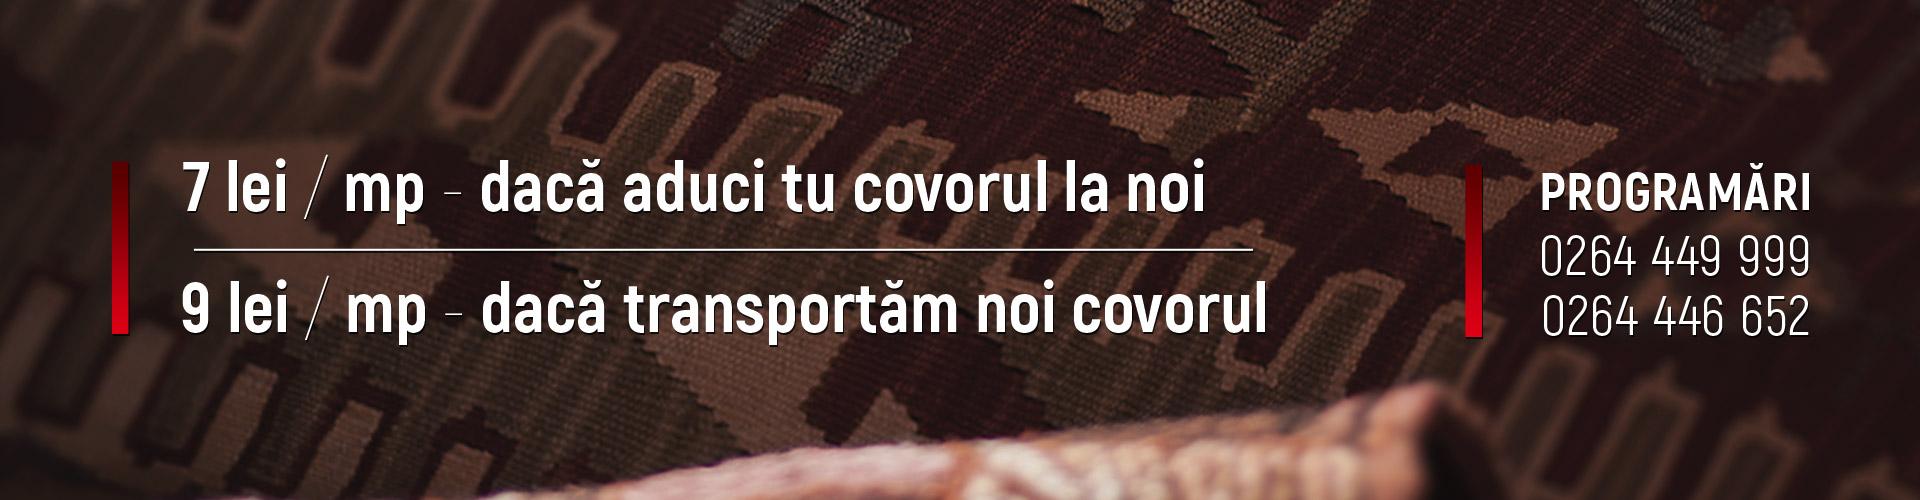 covor_curat_1